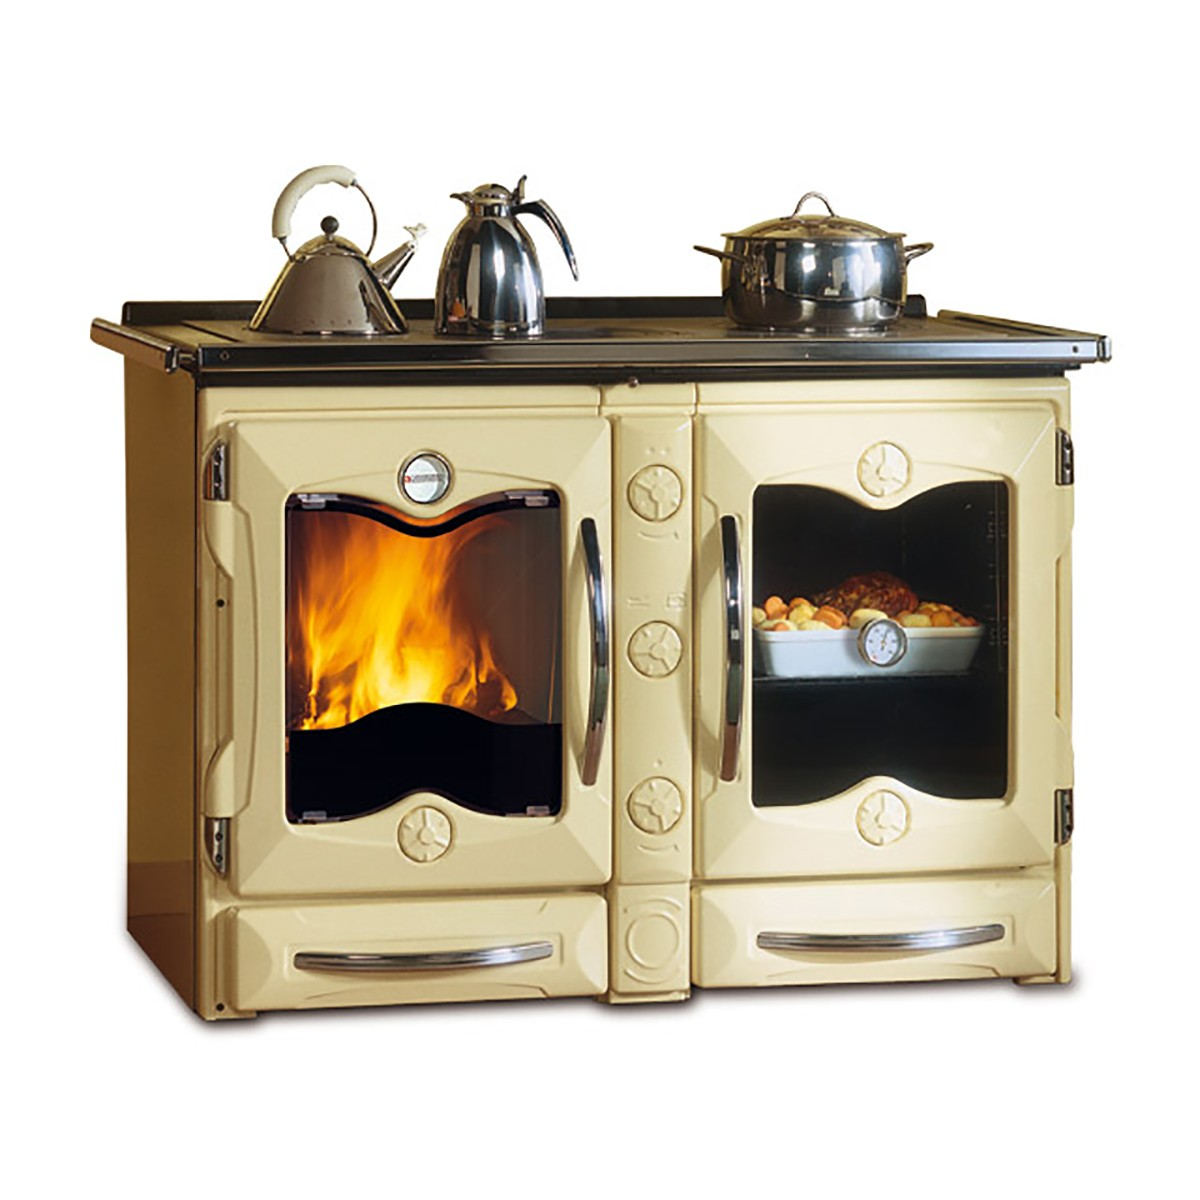 Cucina a legna America La Nordica Extraflame